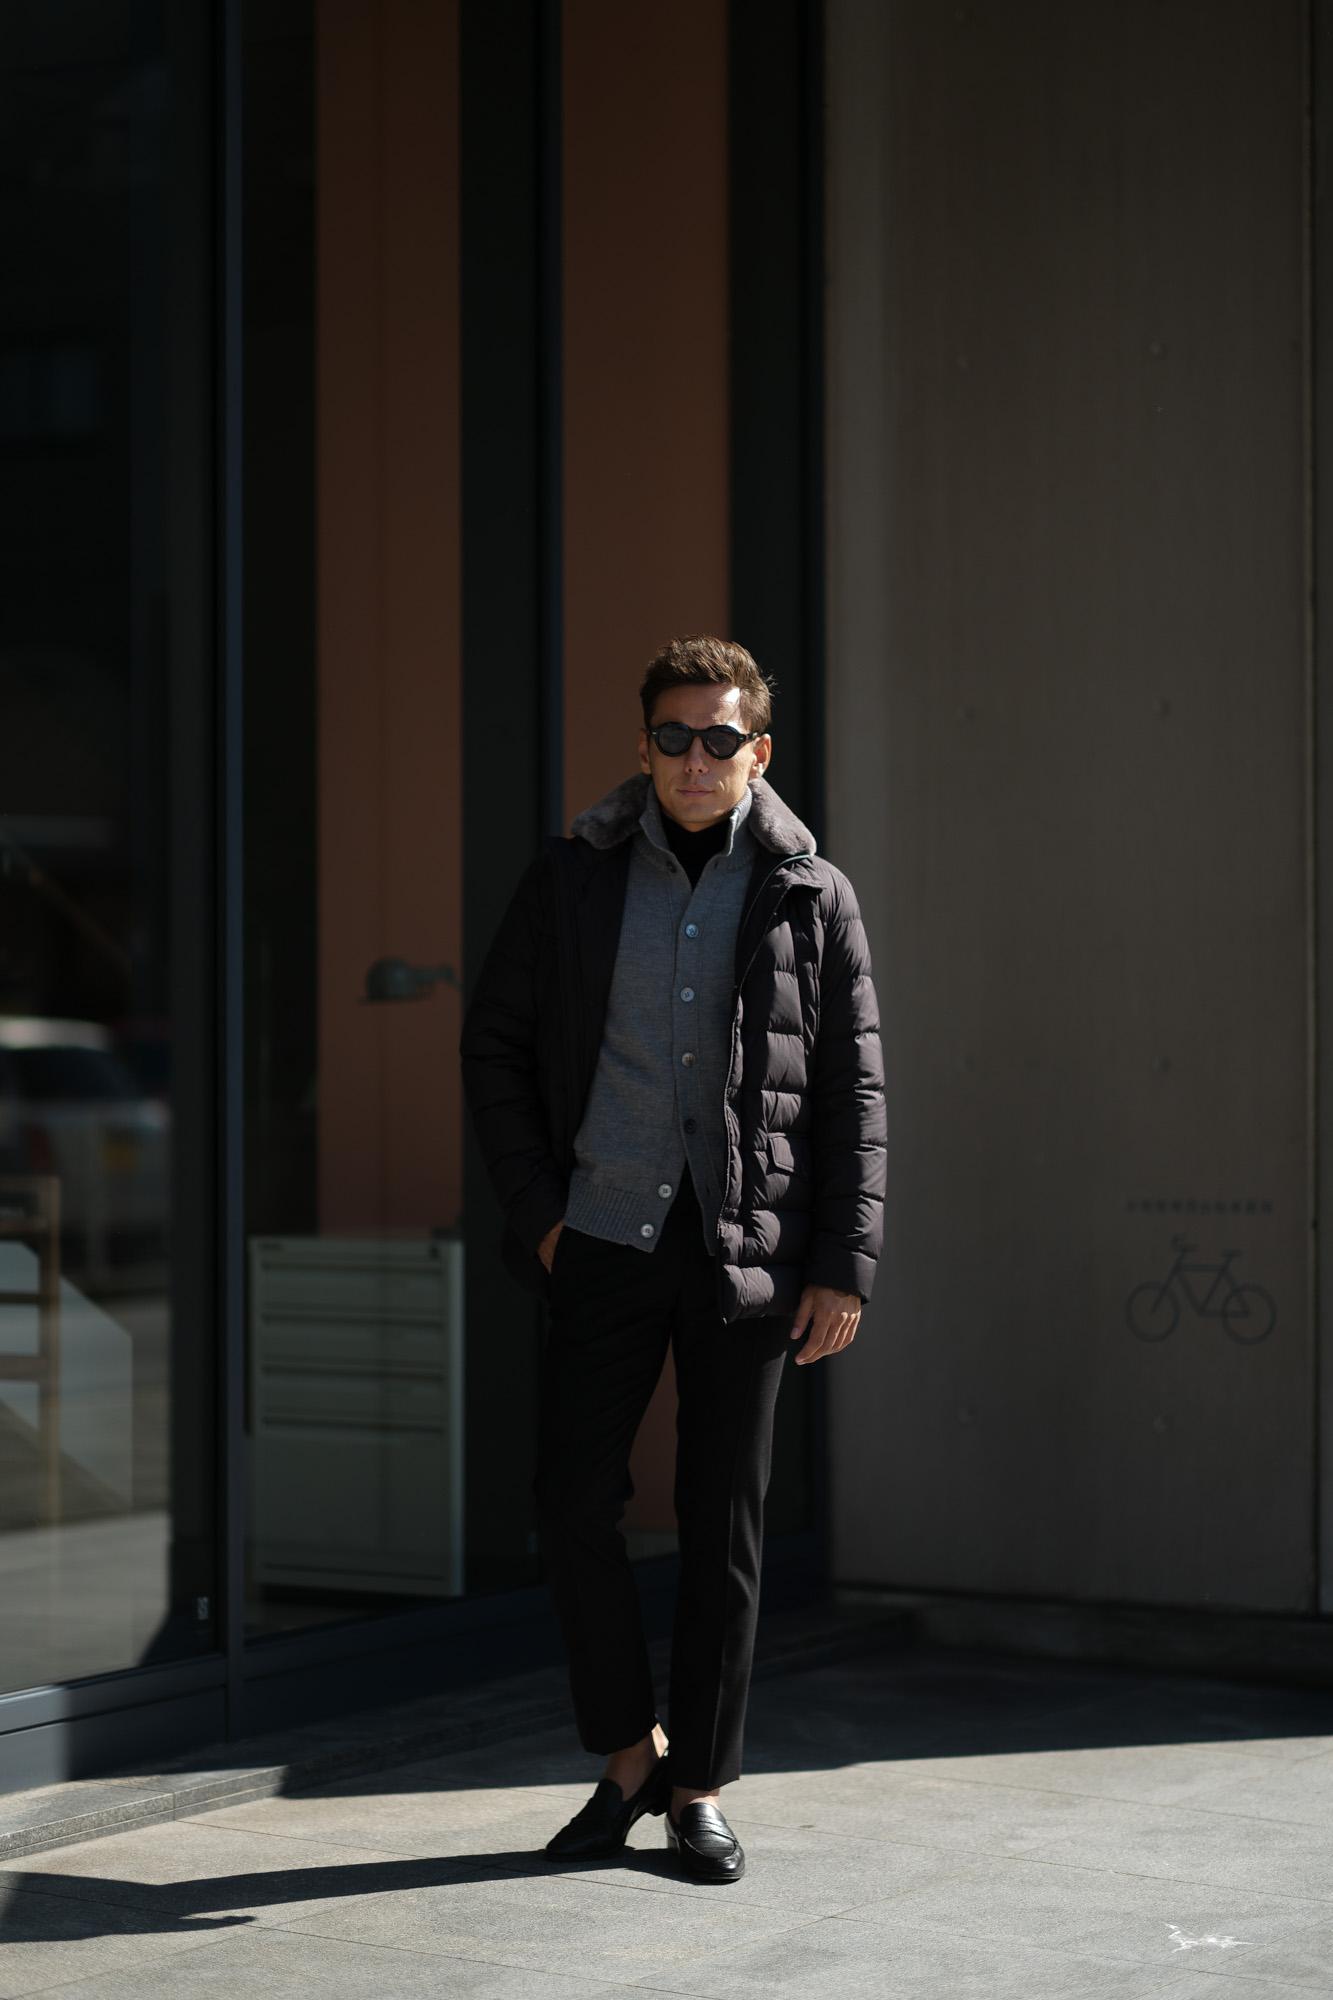 HERNO(ヘルノ) PI0475U N-3B Nylon Down Jacket (ナイロン ダウン ジャケット) POLAR-TECH (ポーラテック) 撥水 ナイロン ダウン ジャケット BLACK (ブラック・9300) 2018 秋冬新作 愛知 名古屋 alto e diritto altoediritto アルトエデリット